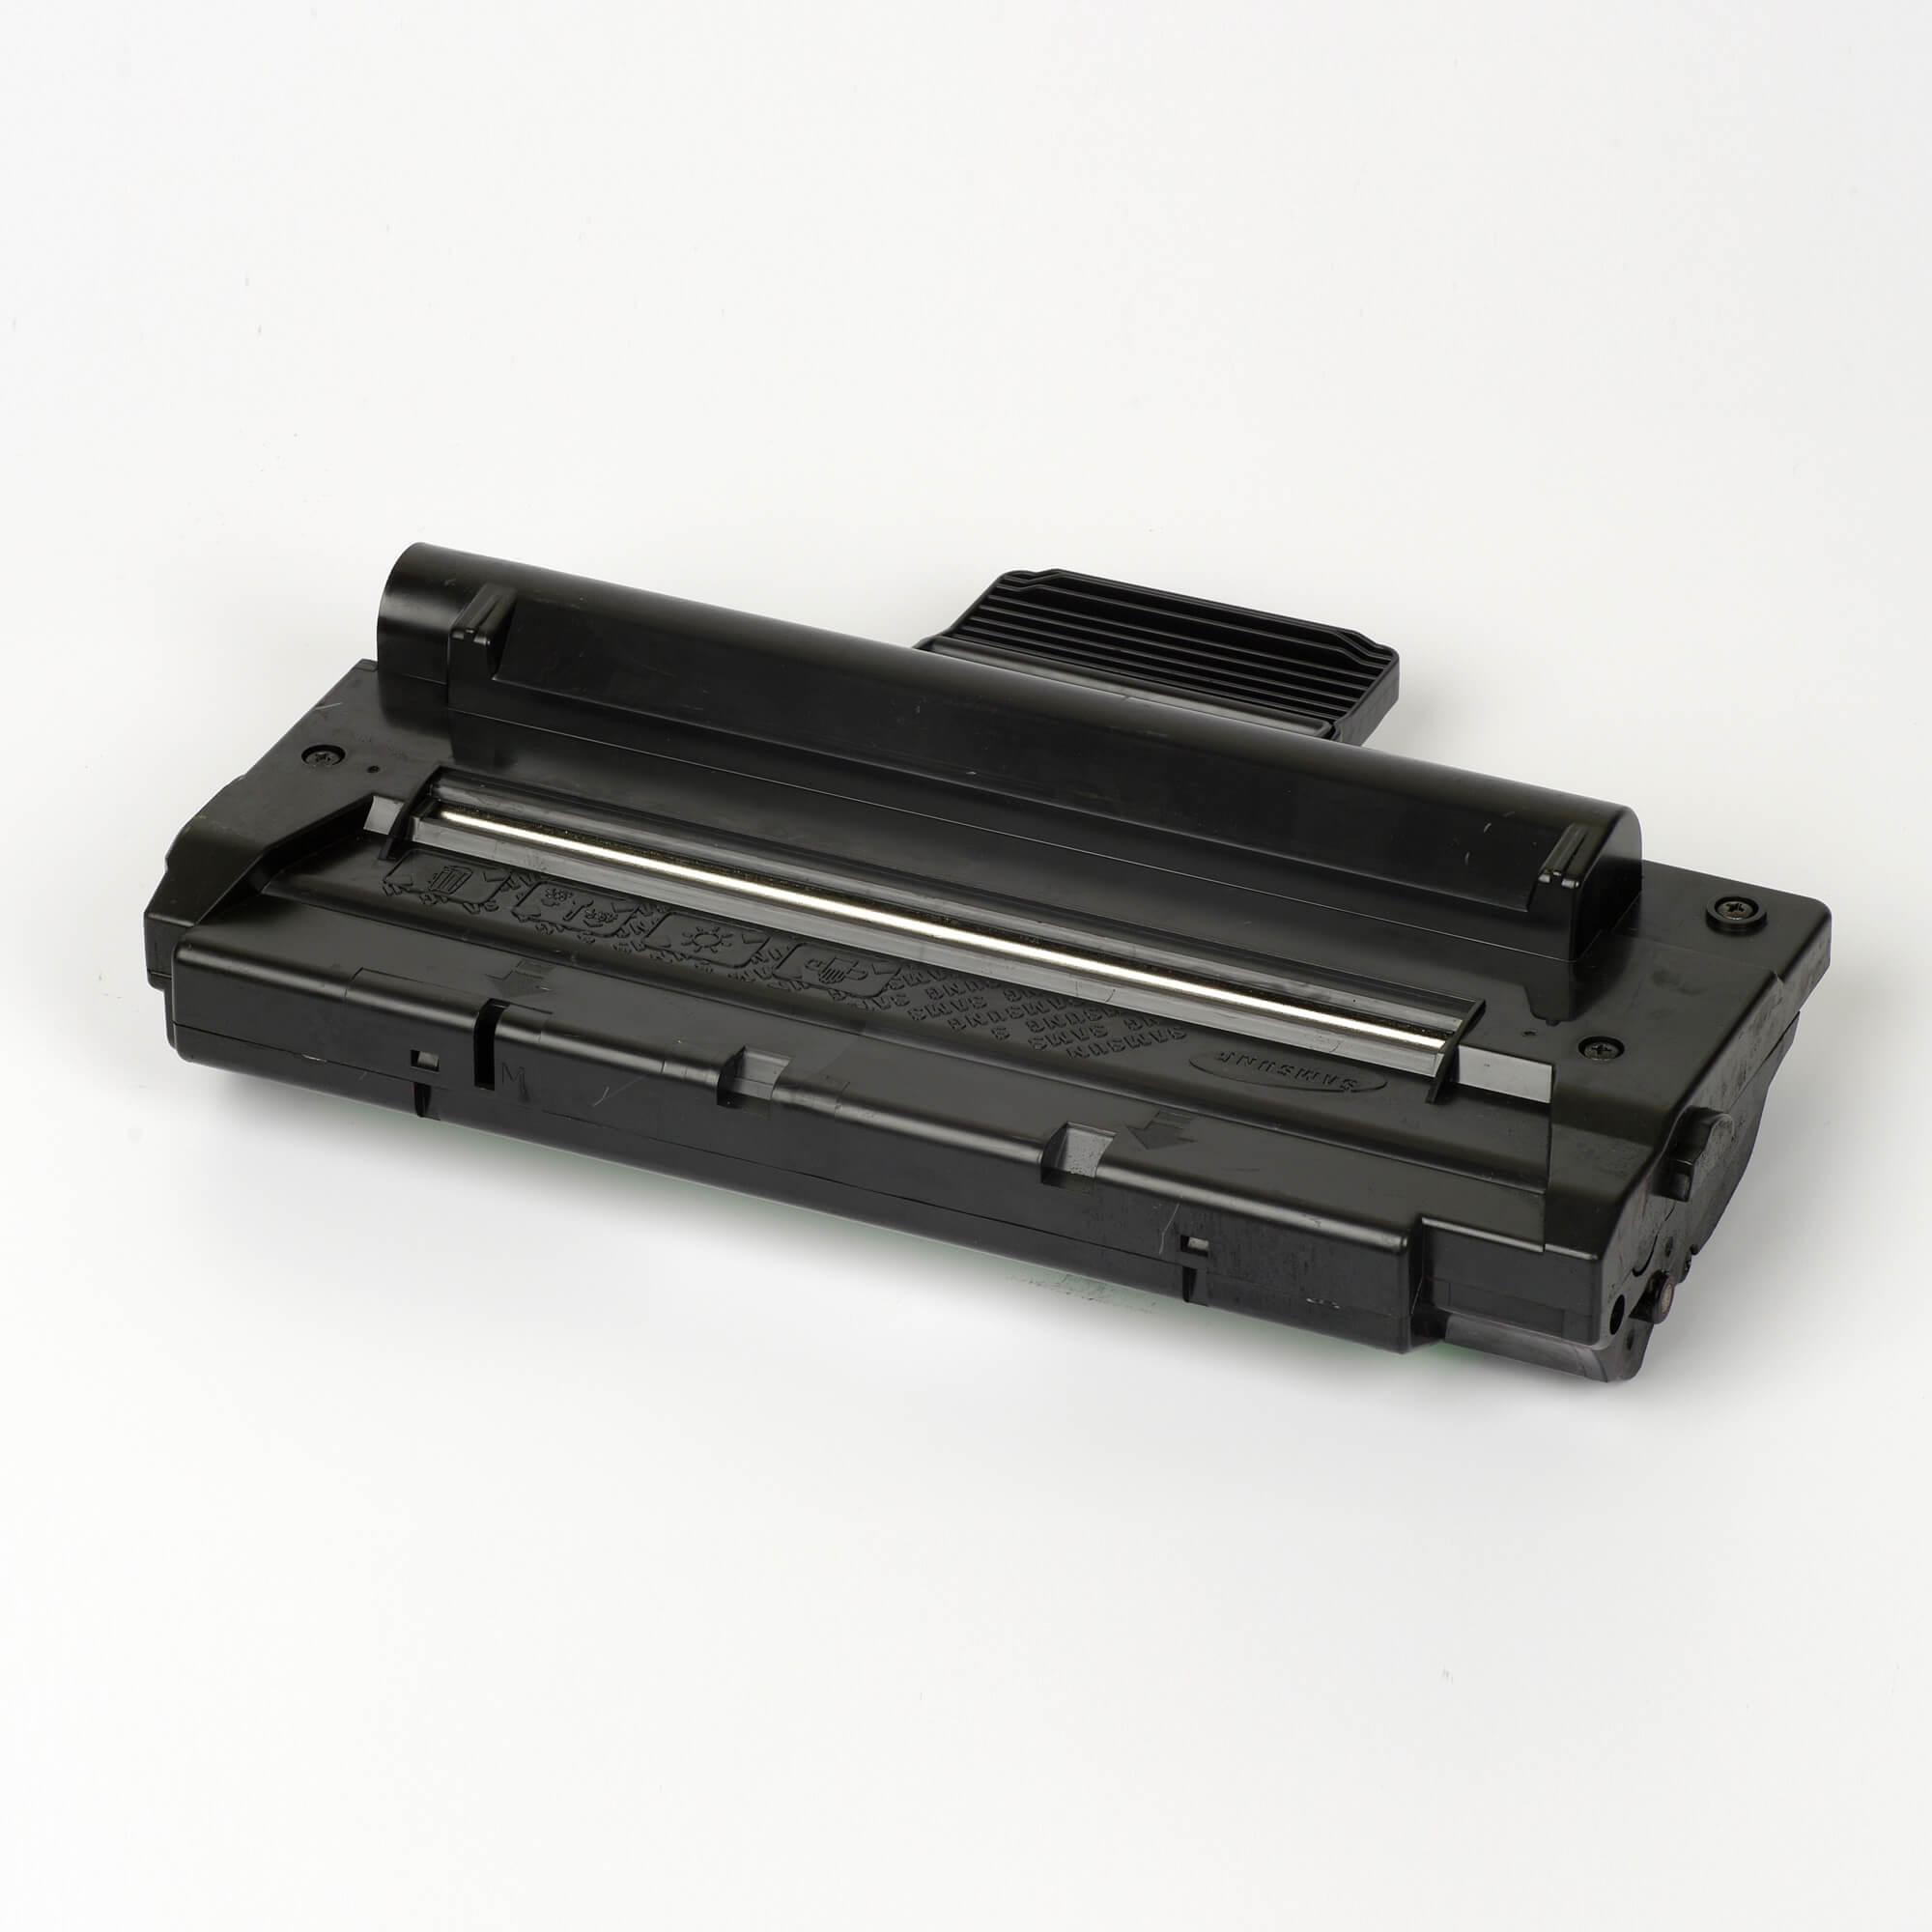 Auf dem Bild sehen Sie eine Samsung SCX-4100D3/ELS Original Toner Schwarz